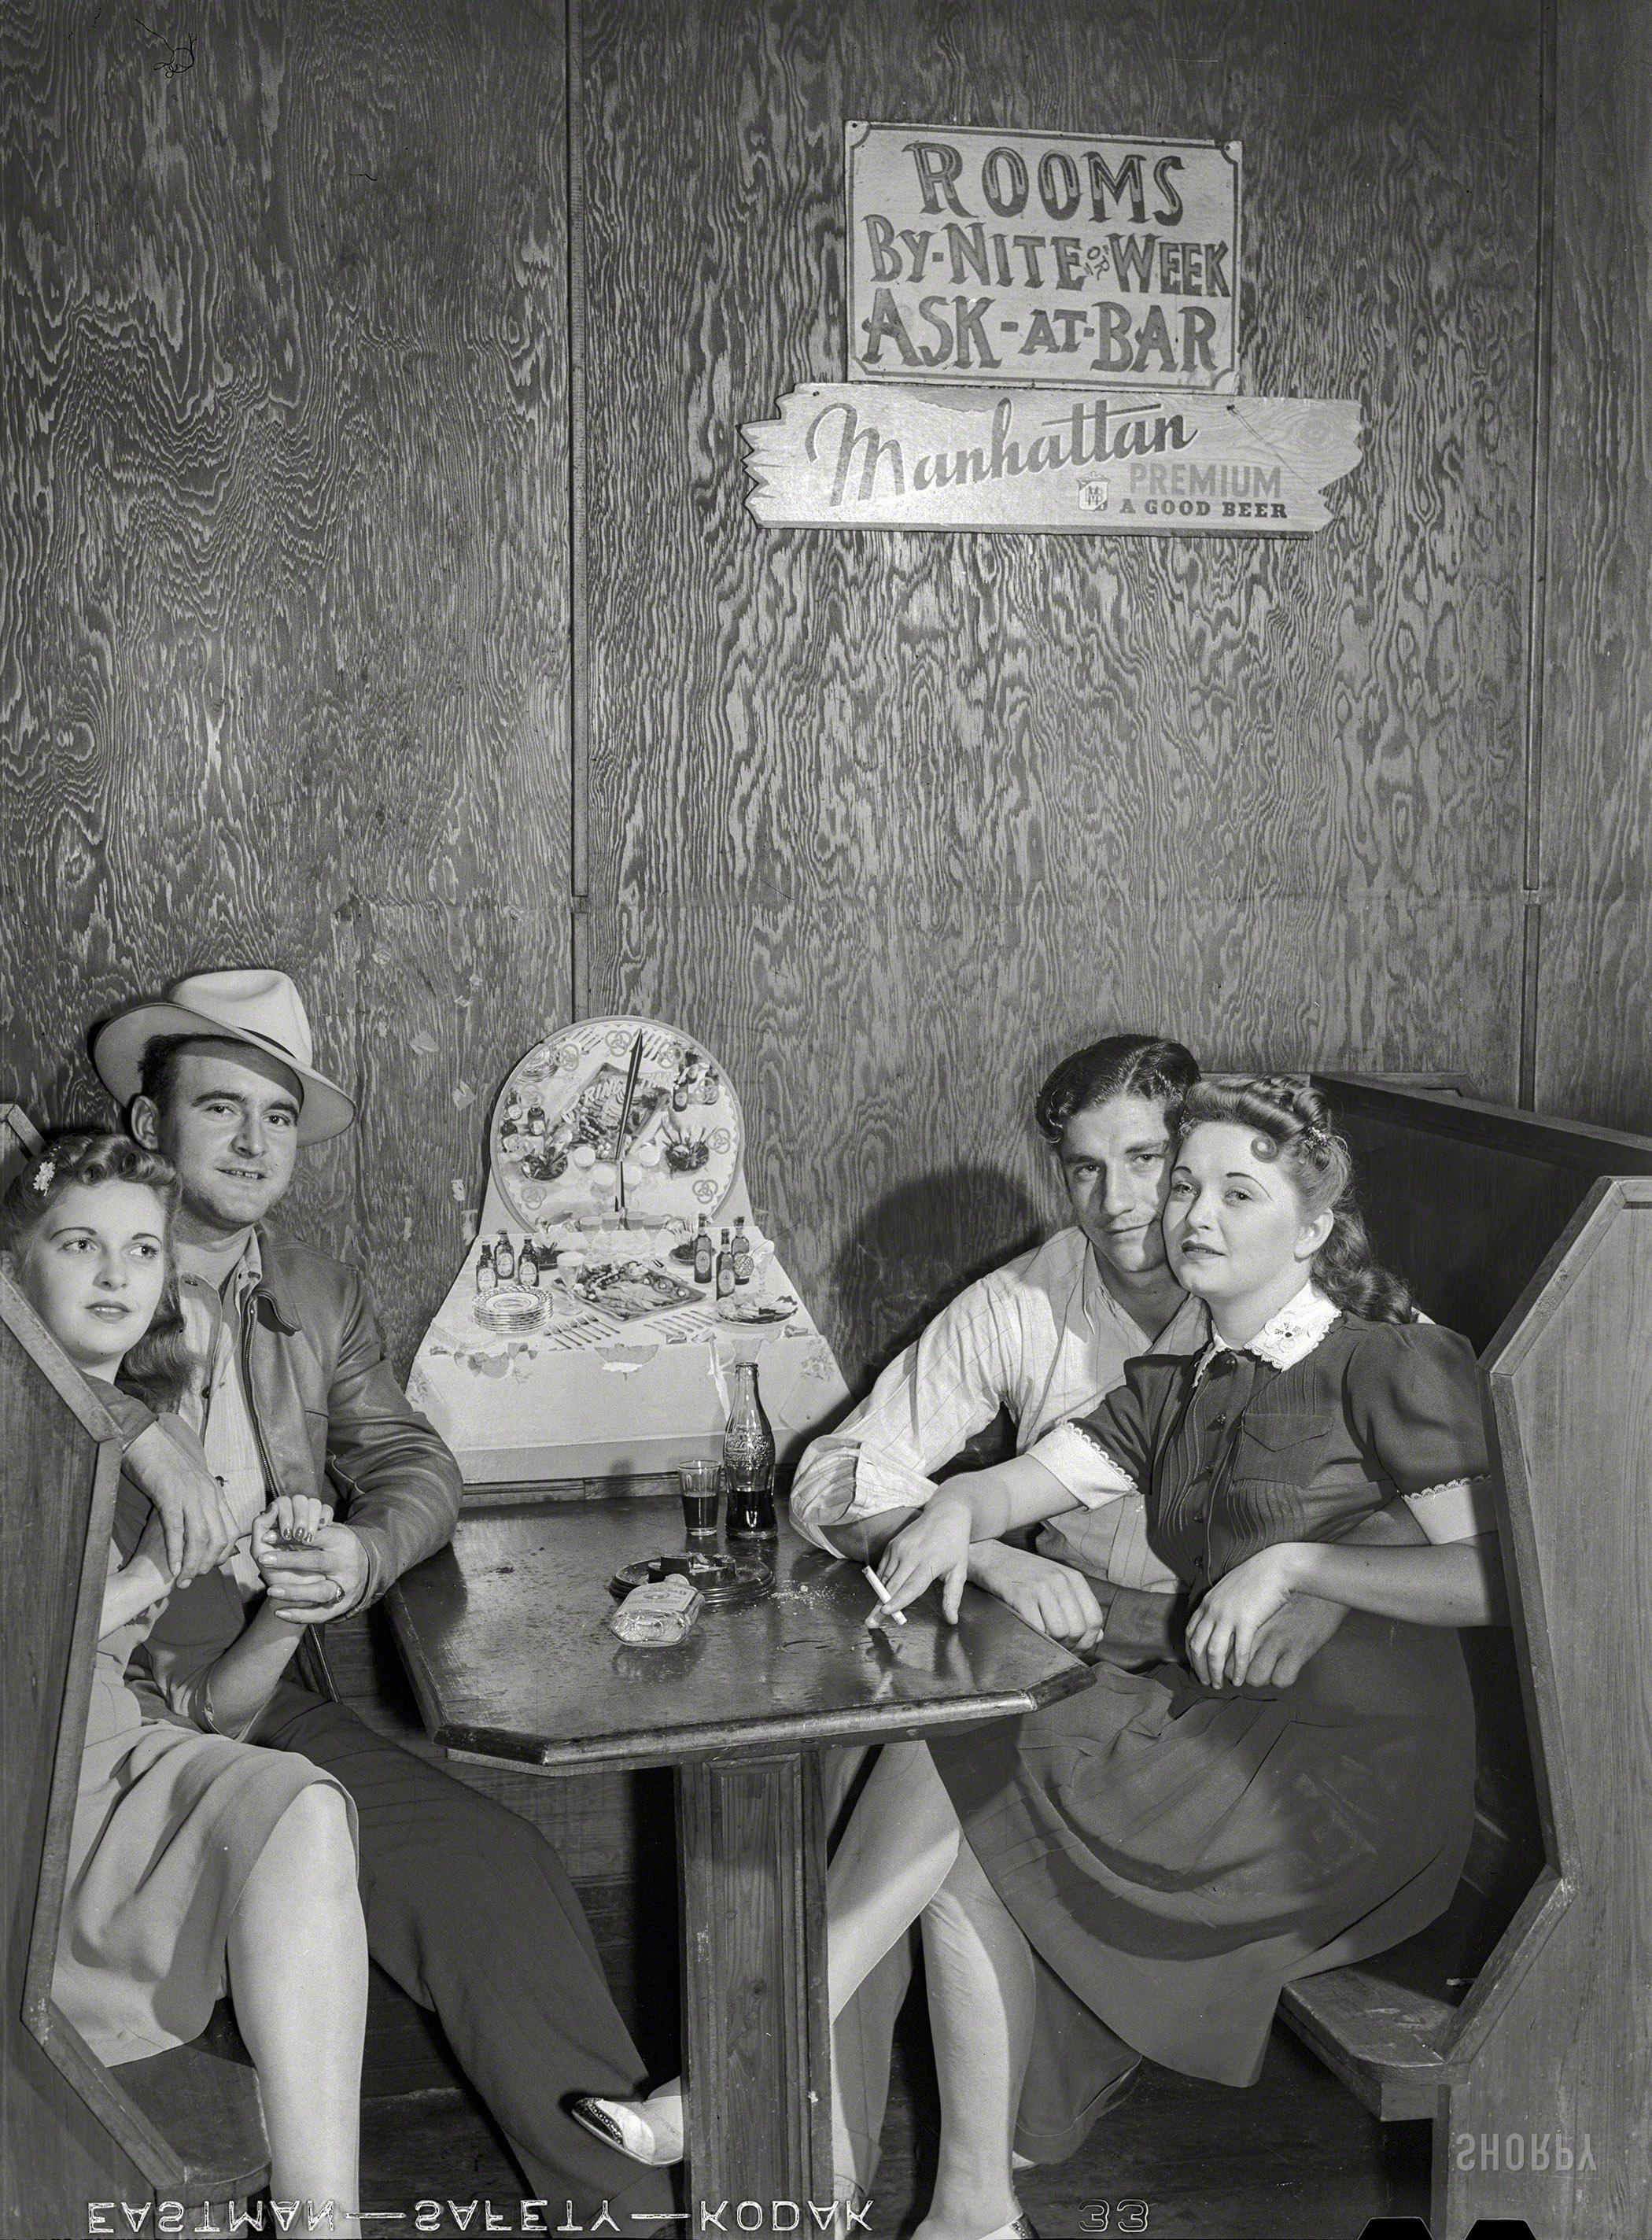 Ask At Bar 1941